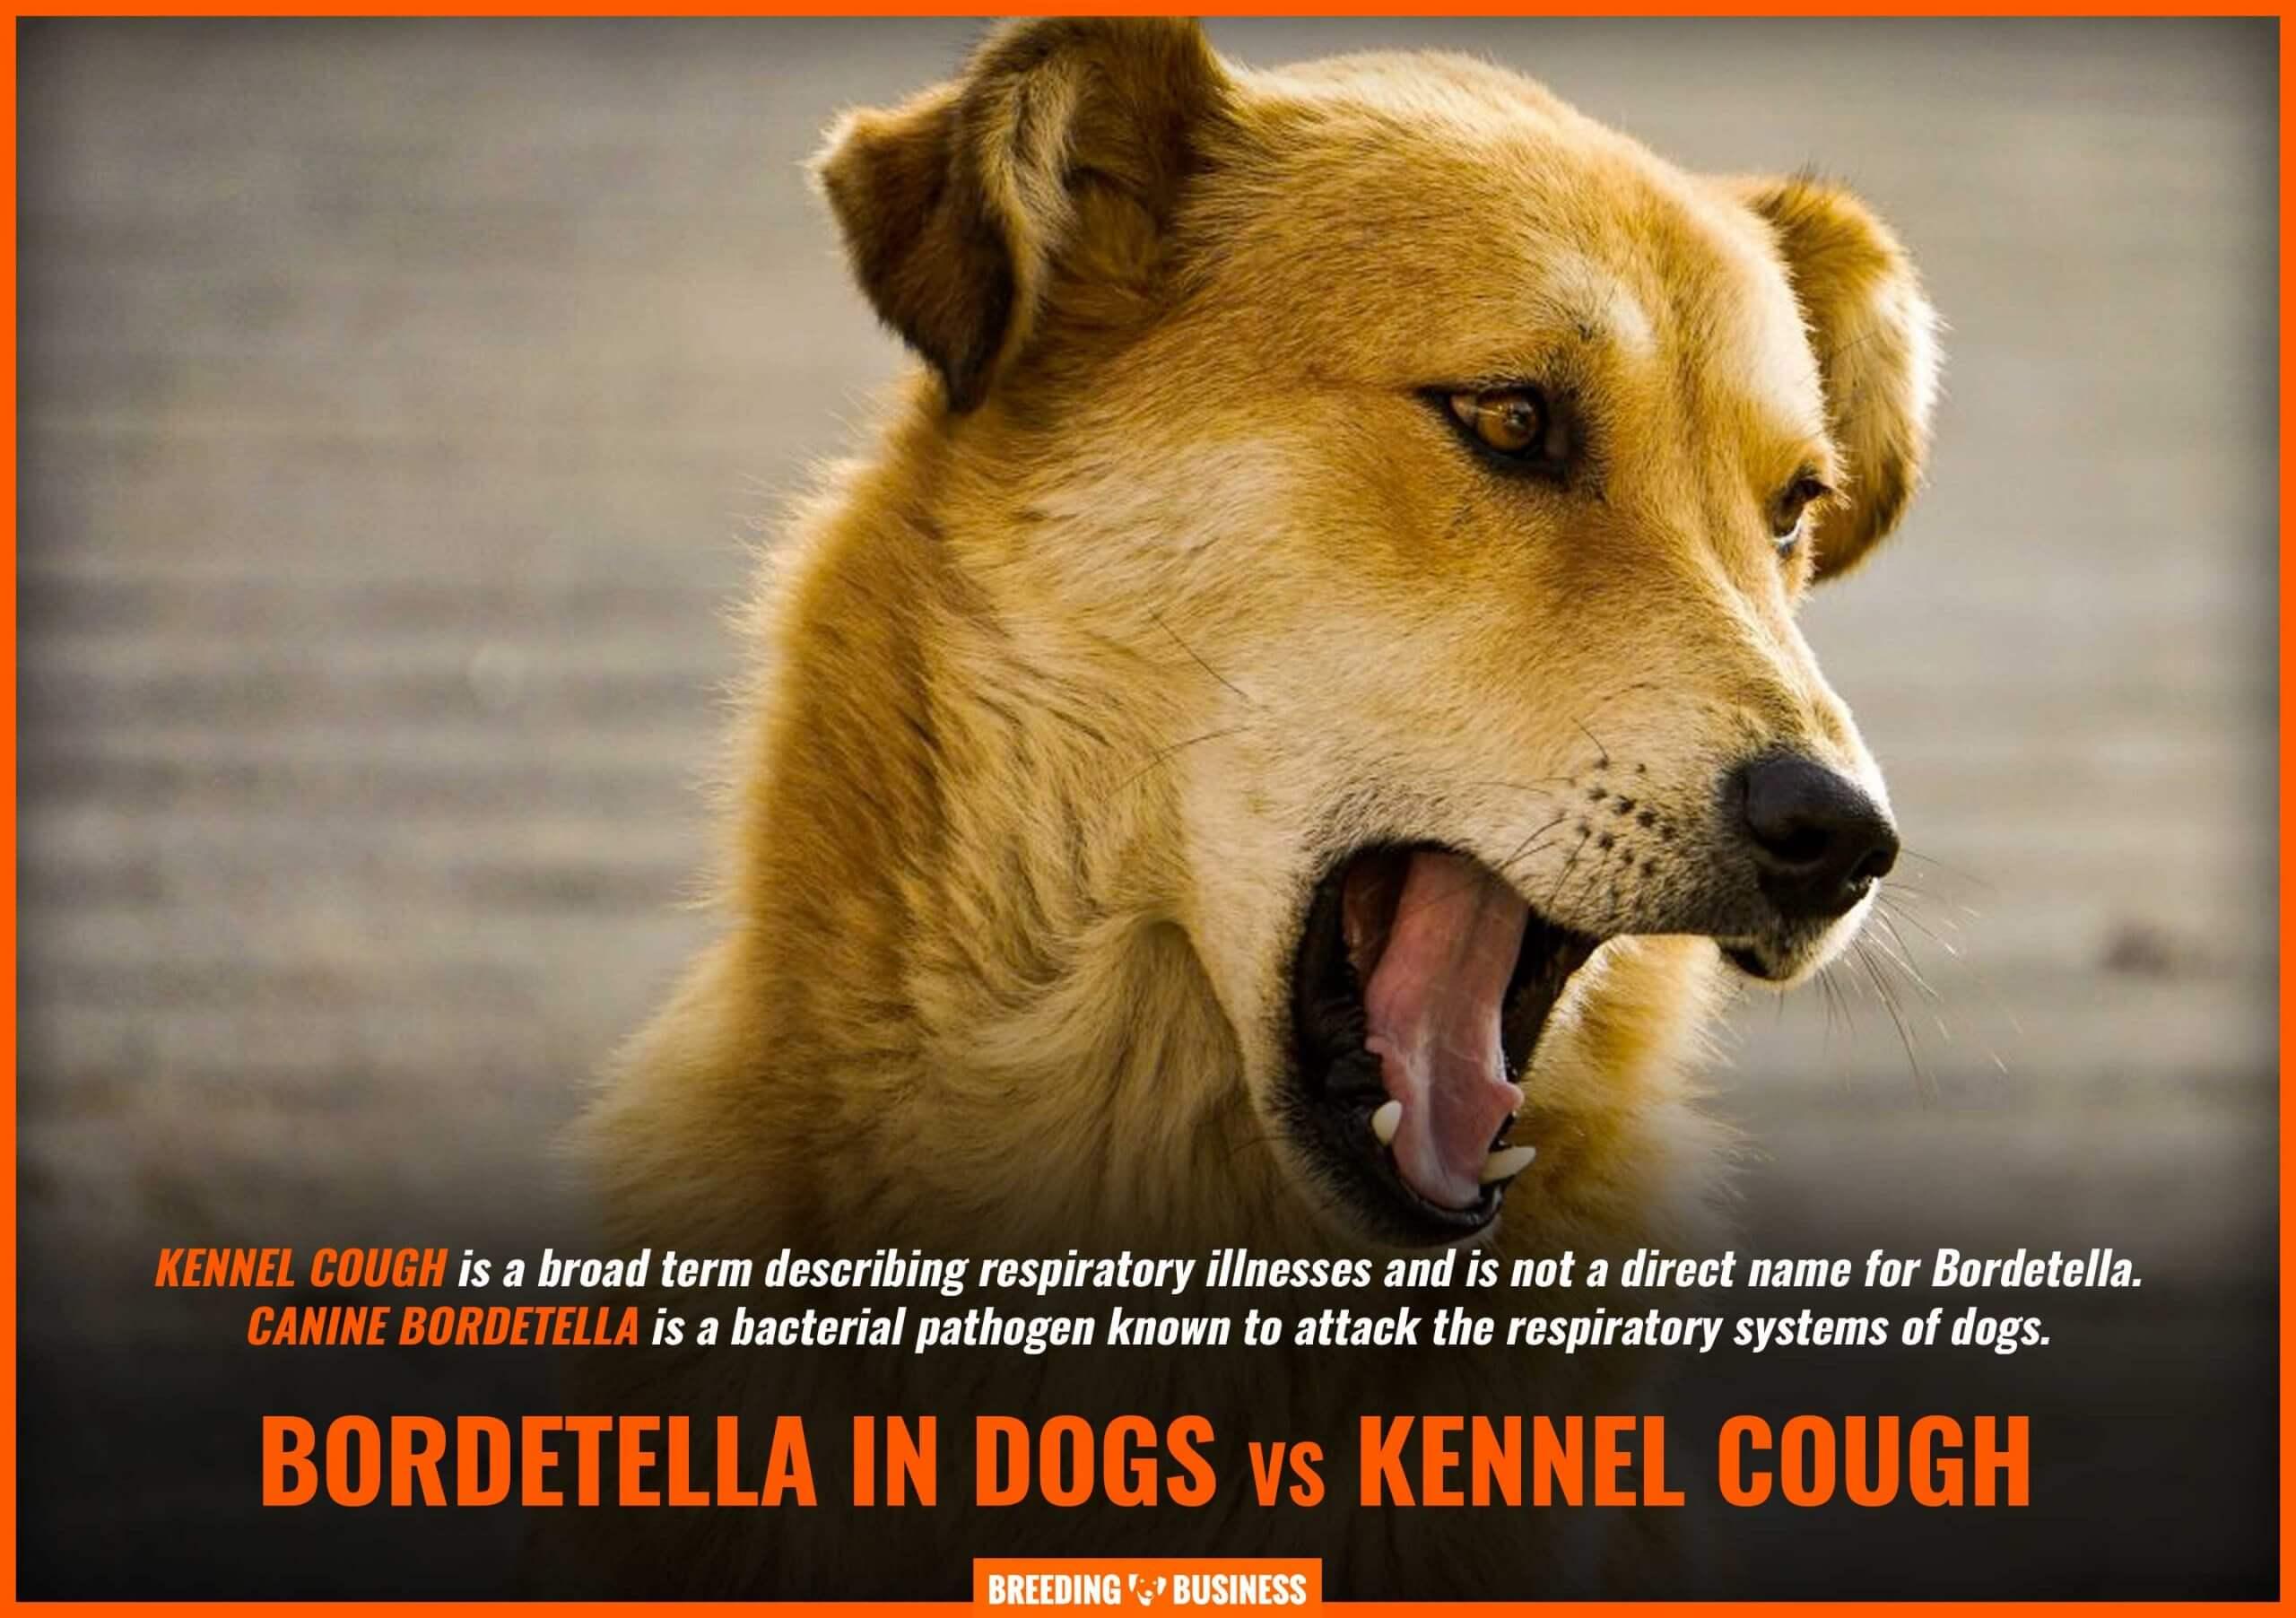 kennel cough vs bordetella in dogs